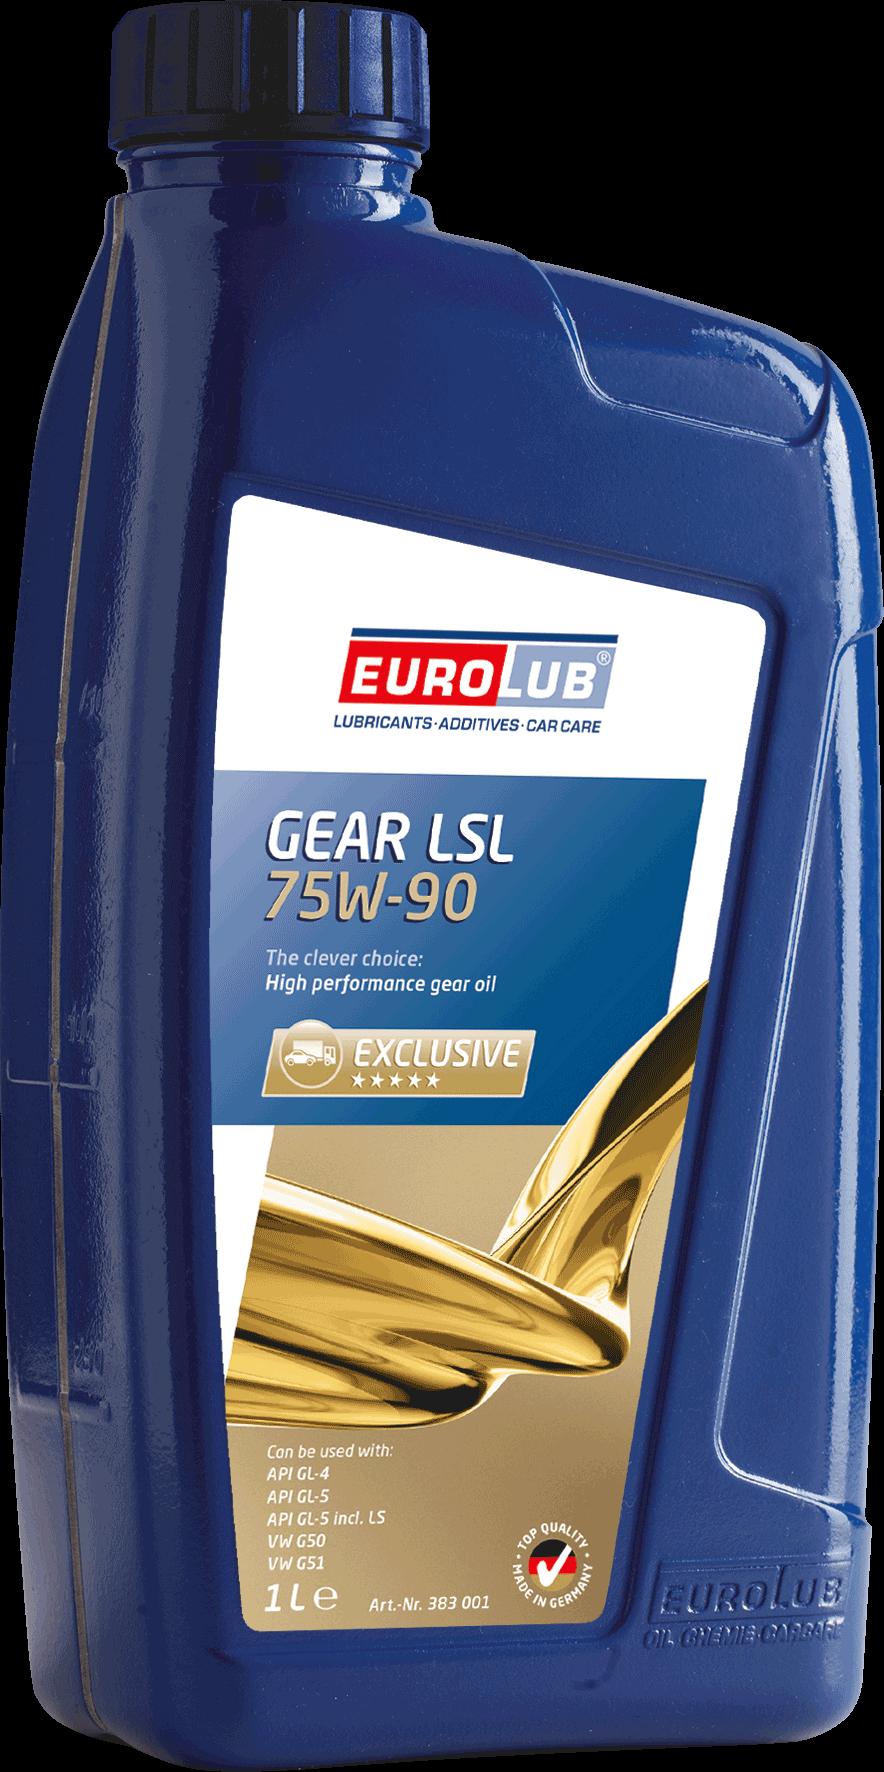 EUROLUB  Gear LSL SAE 75W/90 (Limited Slip), 1л